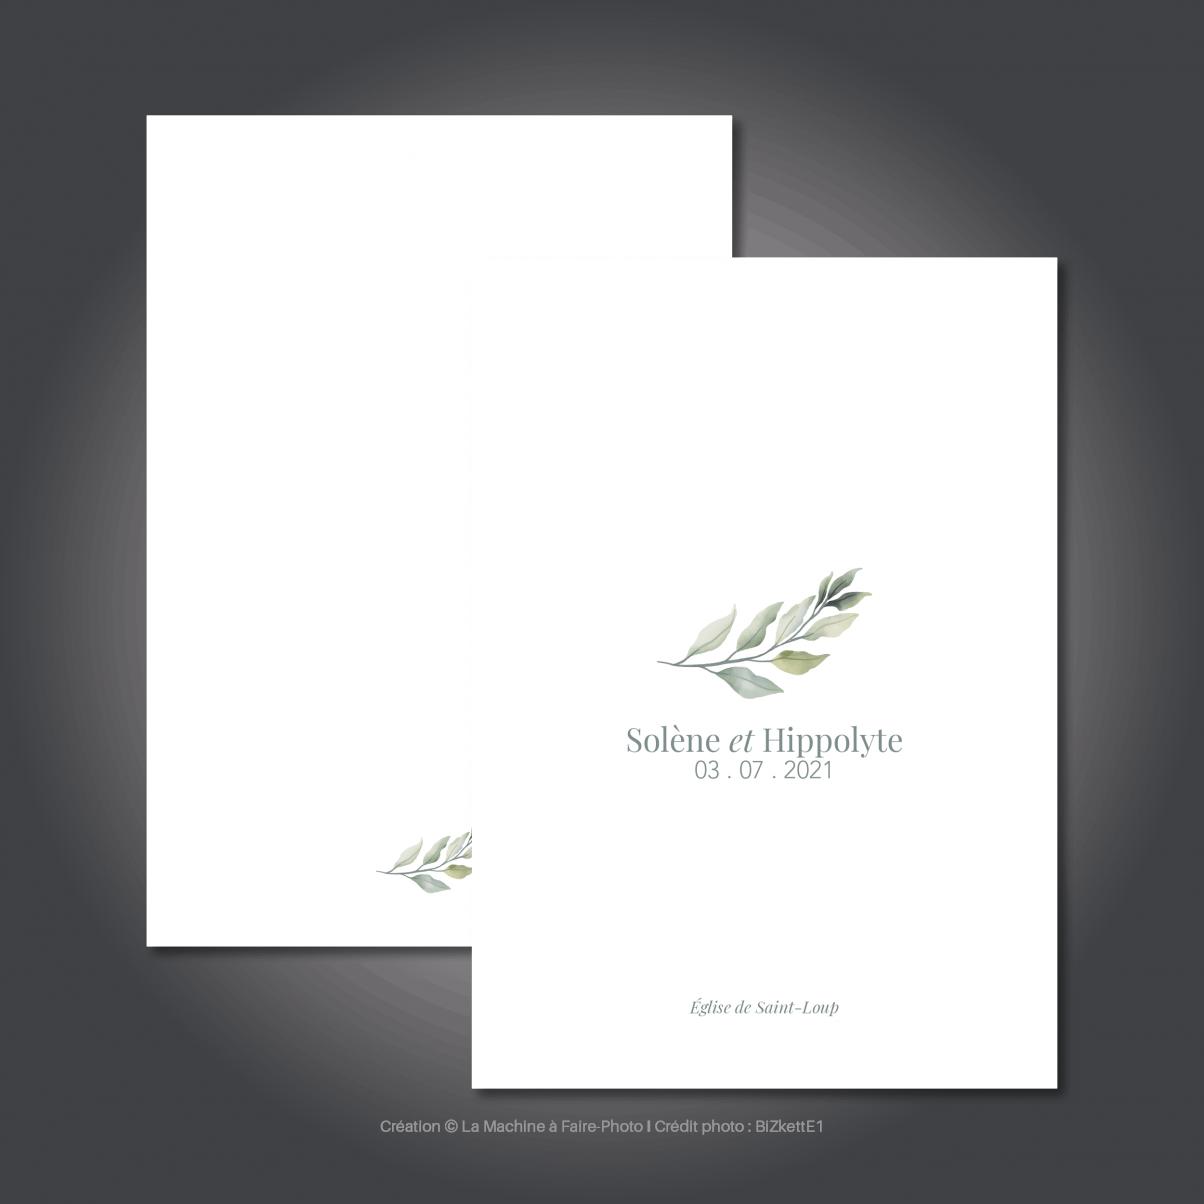 Le livret de messe de mariage de Solène & Hippolyte